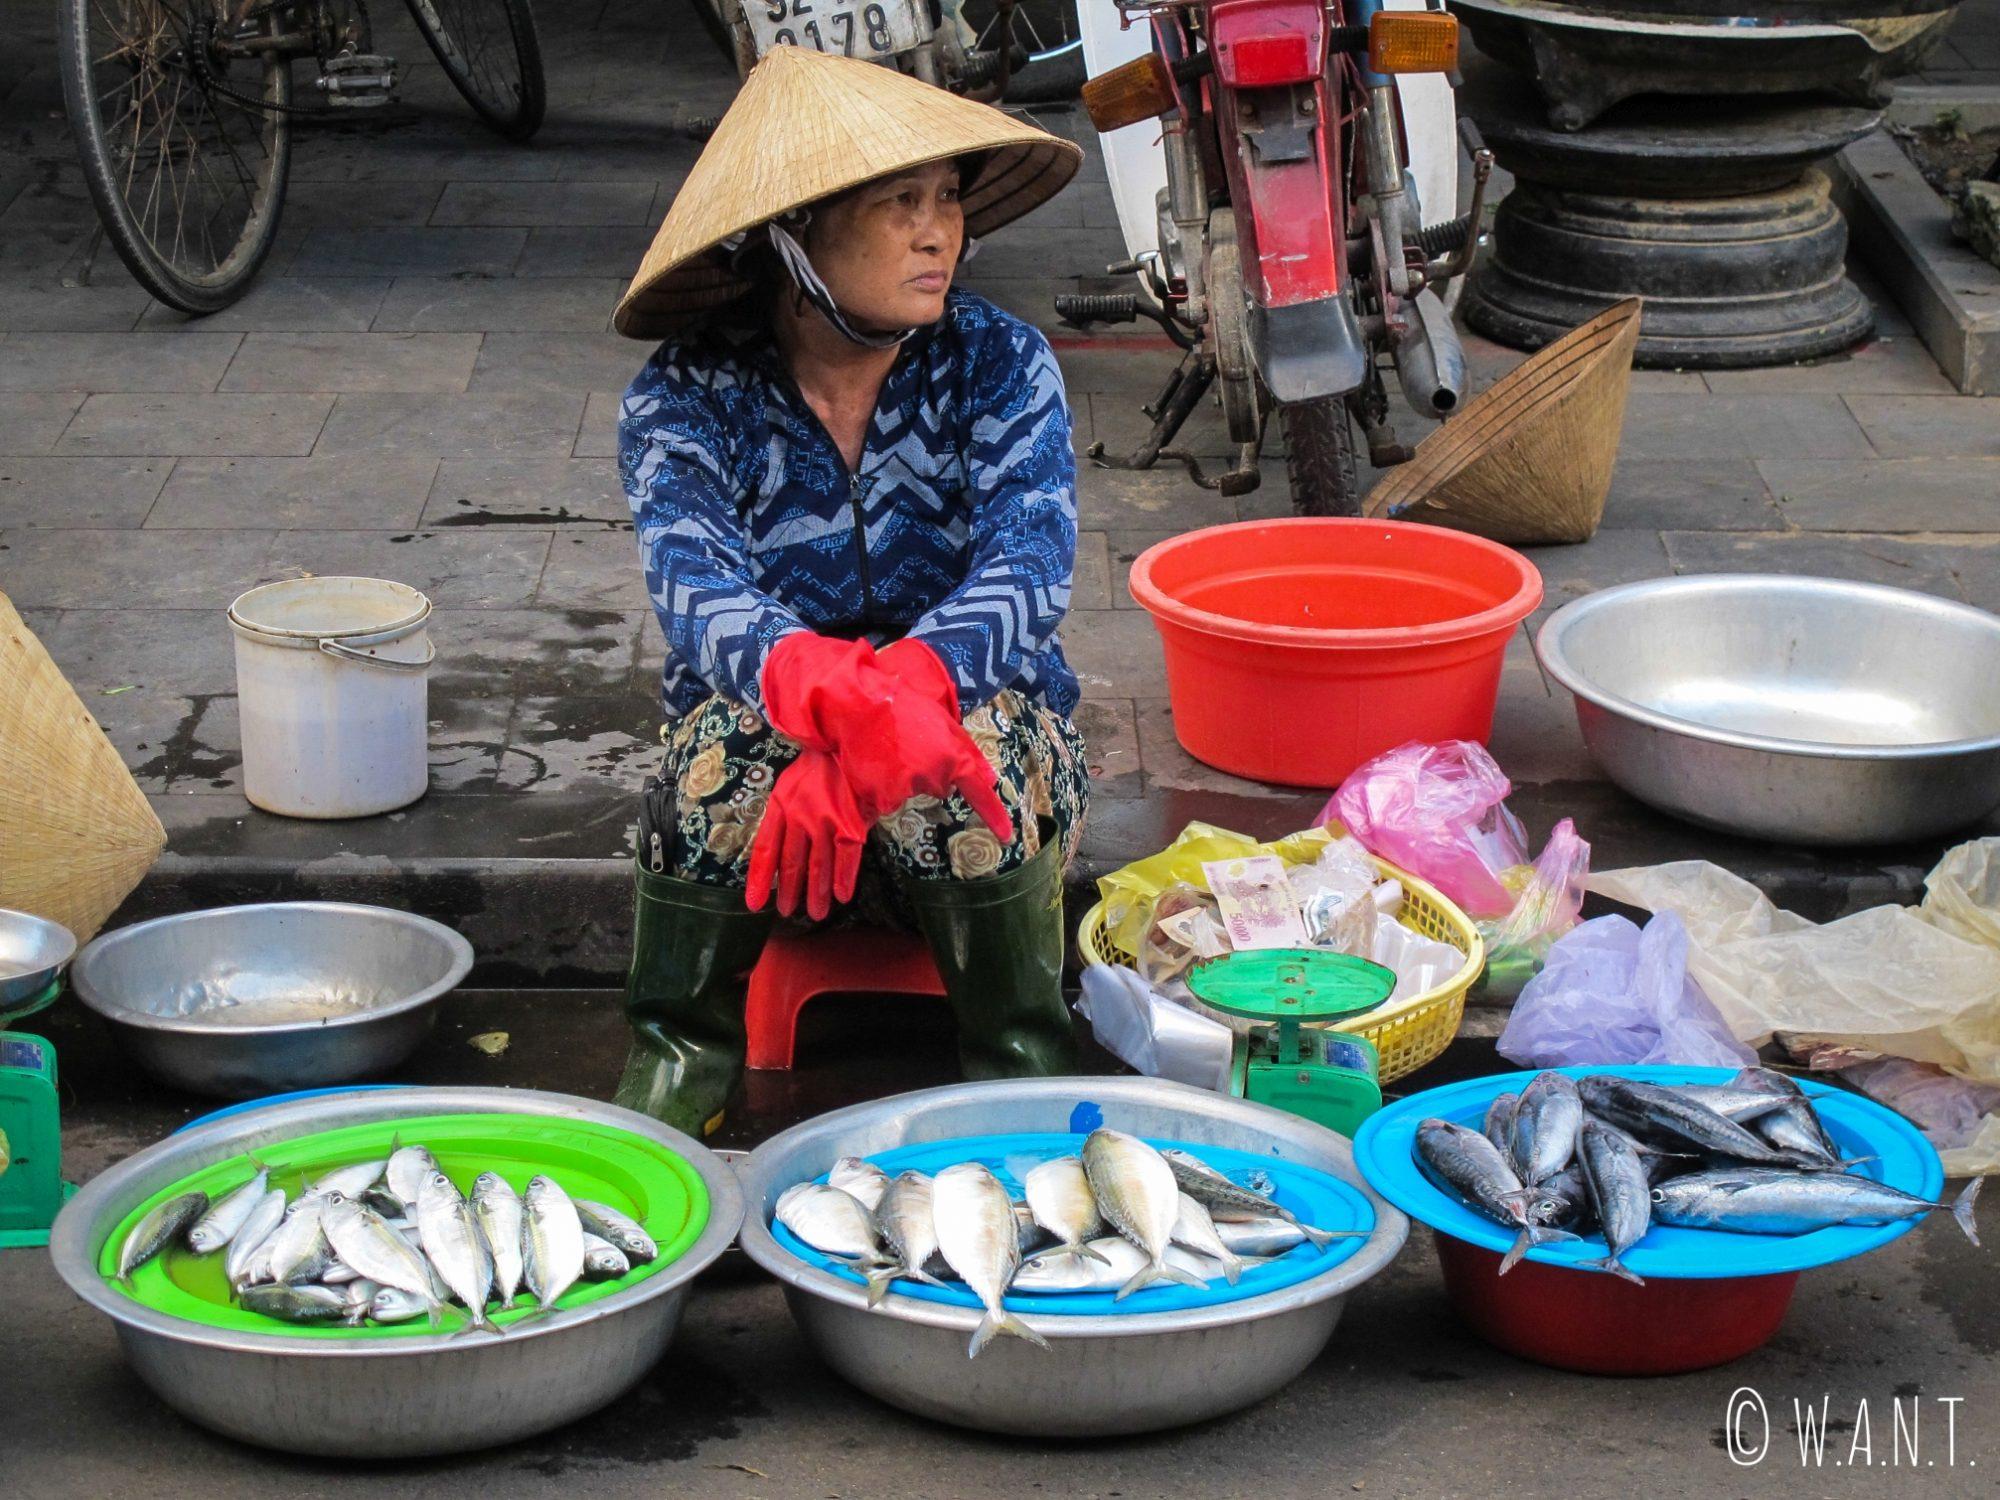 Vendeuse de poissons sur le marché de la vieille ville de Hoi An